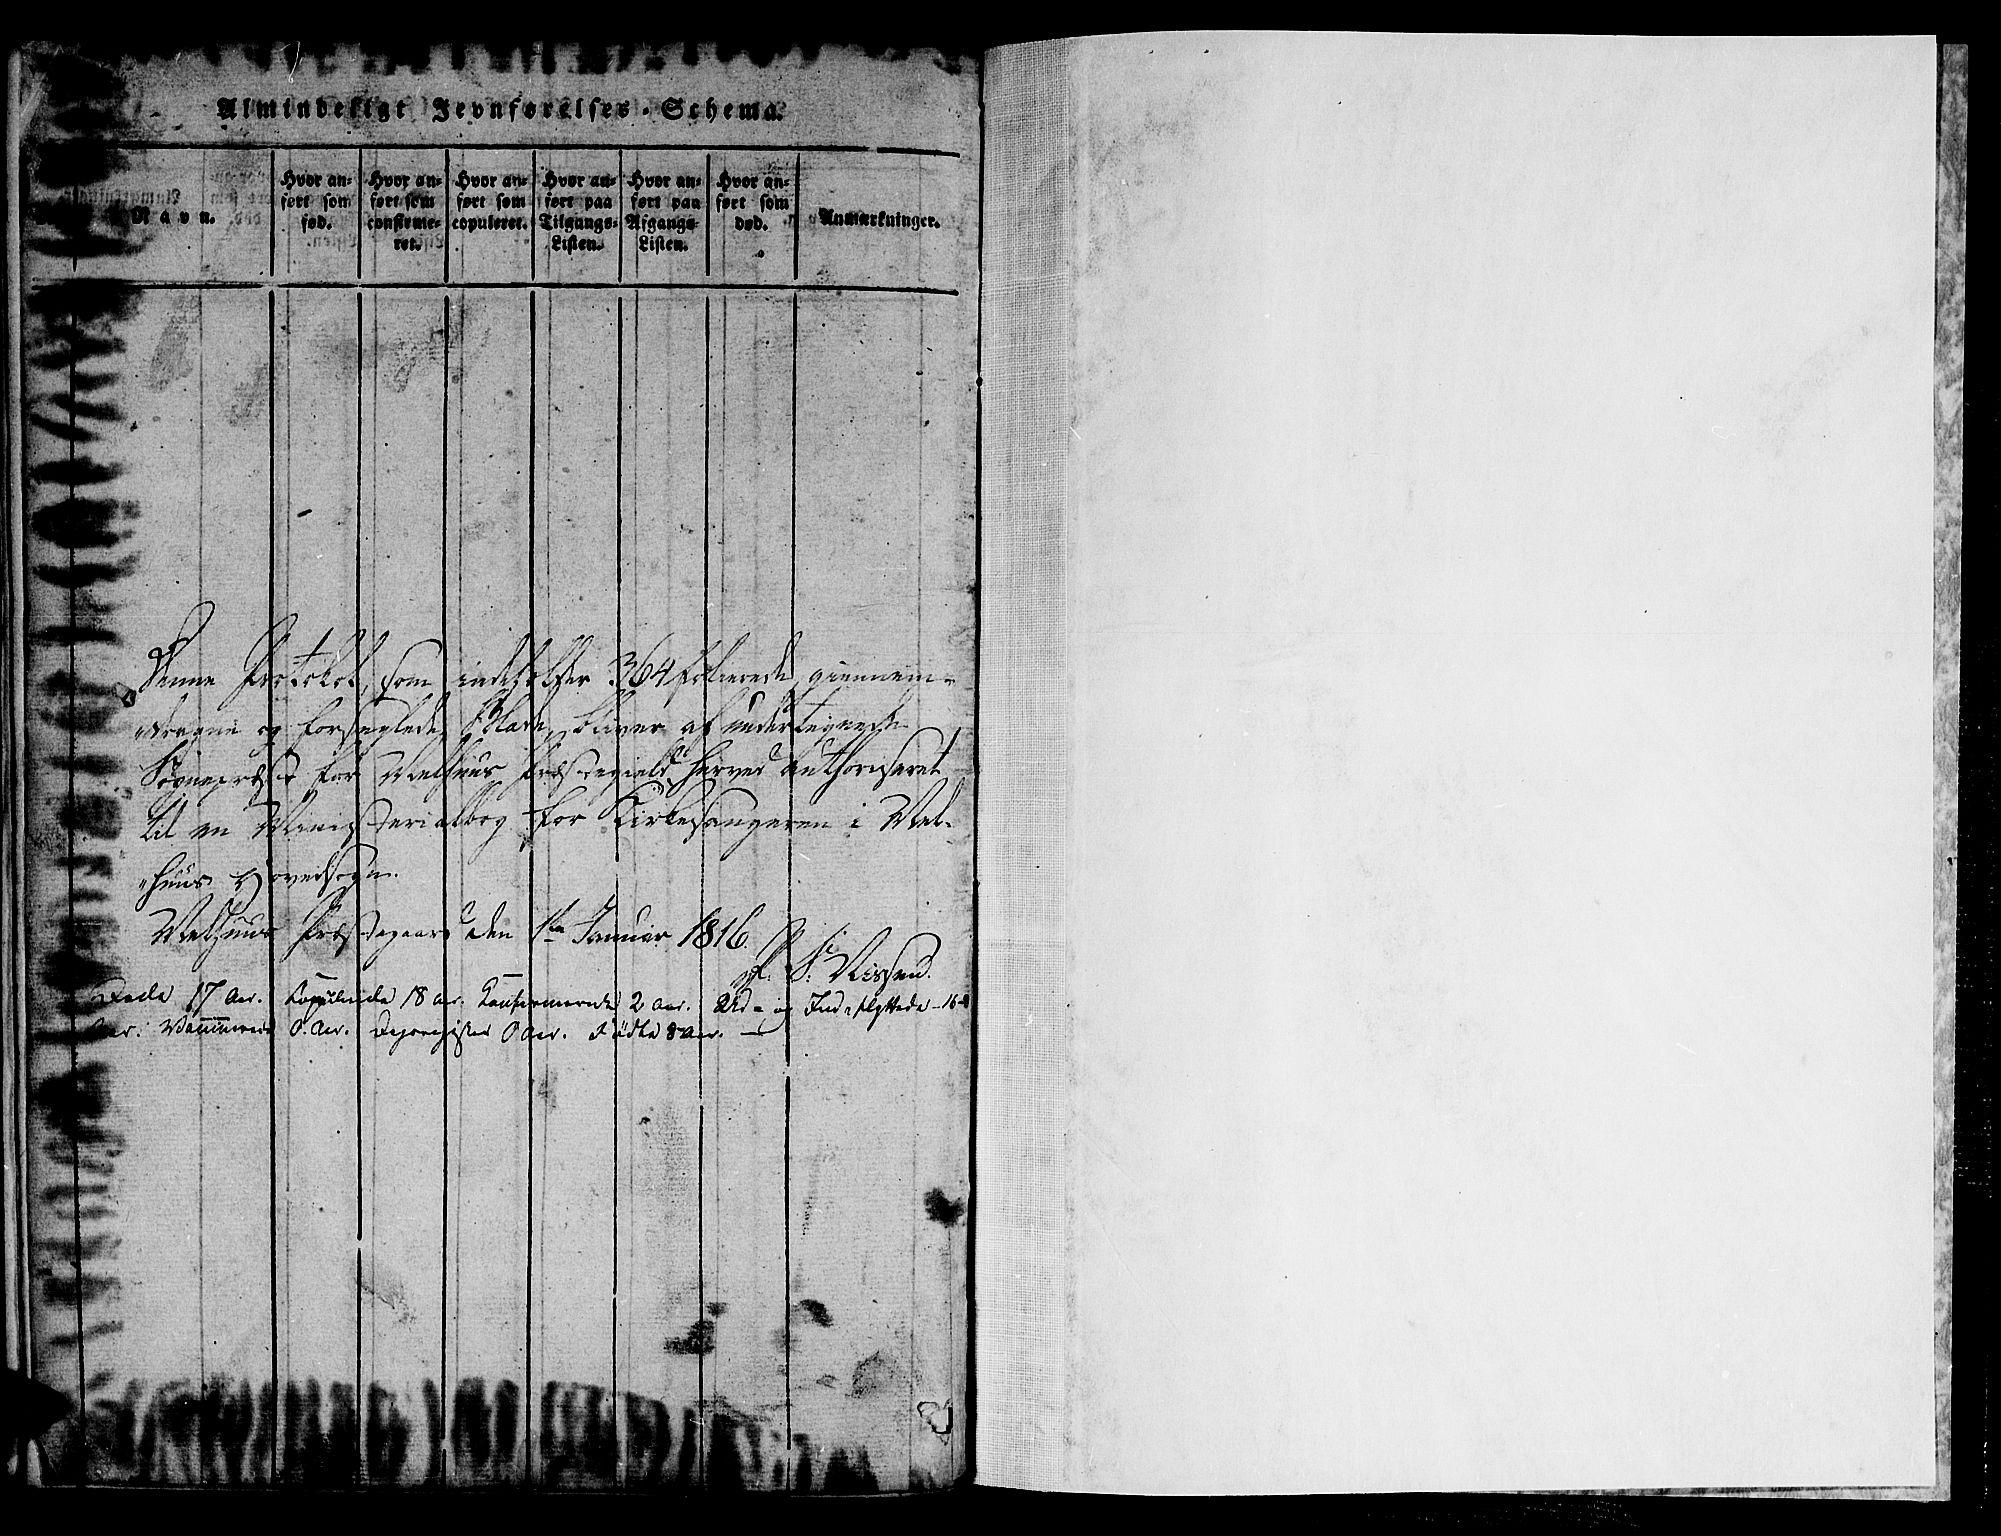 SAT, Ministerialprotokoller, klokkerbøker og fødselsregistre - Sør-Trøndelag, 691/L1092: Klokkerbok nr. 691C03, 1816-1852